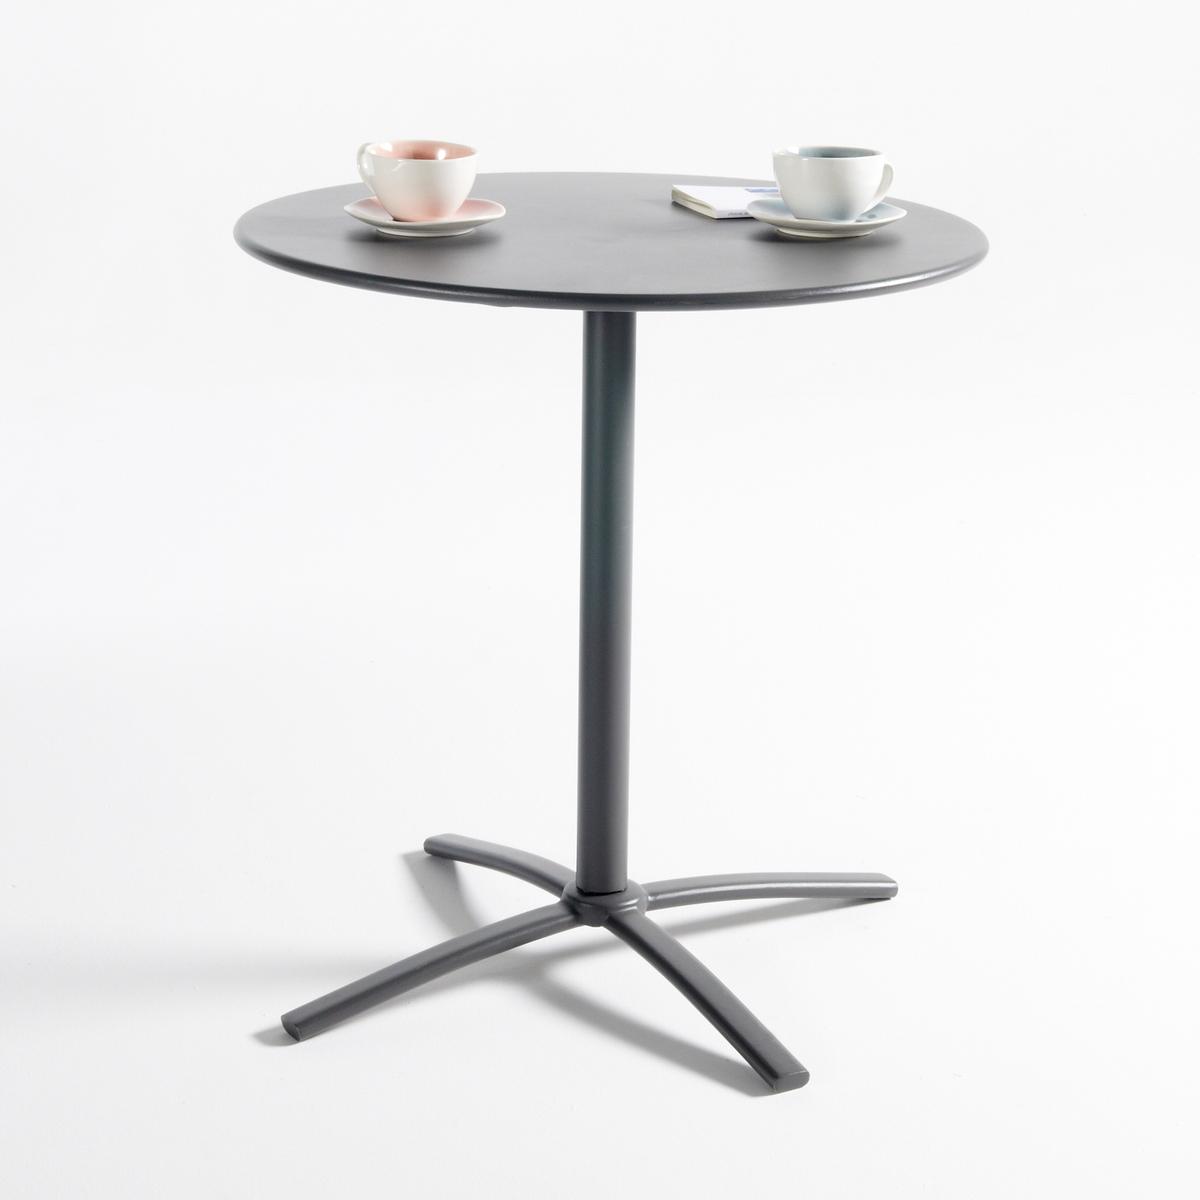 Металлический круглый столик на одной ножке для сада, HibaМеталлический круглый столик на одной ножке для сада Hiba. Полностью металлический круглый столик на одной ножке для сада можно использовать на террасе, балконе или в саду. Практичный столик, наклонная столешница обеспечивает легкое хранение вещей. Характеристики круглого столика на одной ножке Hiba :Металлическая ножка, покрытие эпоксидным лаком.Наклонная столешница для экономии пространства.Пластиковые вставки на ножках.Размеры круглого столика на одной ножке для сада Hiba  :ОбщиеДиаметр : 70 смВысота : 72 смРазмеры и вес упаковки :1 упаковка72 x 73 x Выс11 см 10,8 кгДоставка на дом :Столик доставляется в разобранном виде. Возможна доставка до квартиры по договоренности!Внимание ! Убедитесь, что дверные, лестничные и лифтовые проемы позволяют осуществить доставку коробки таких габаритов<br><br>Цвет: антрацит